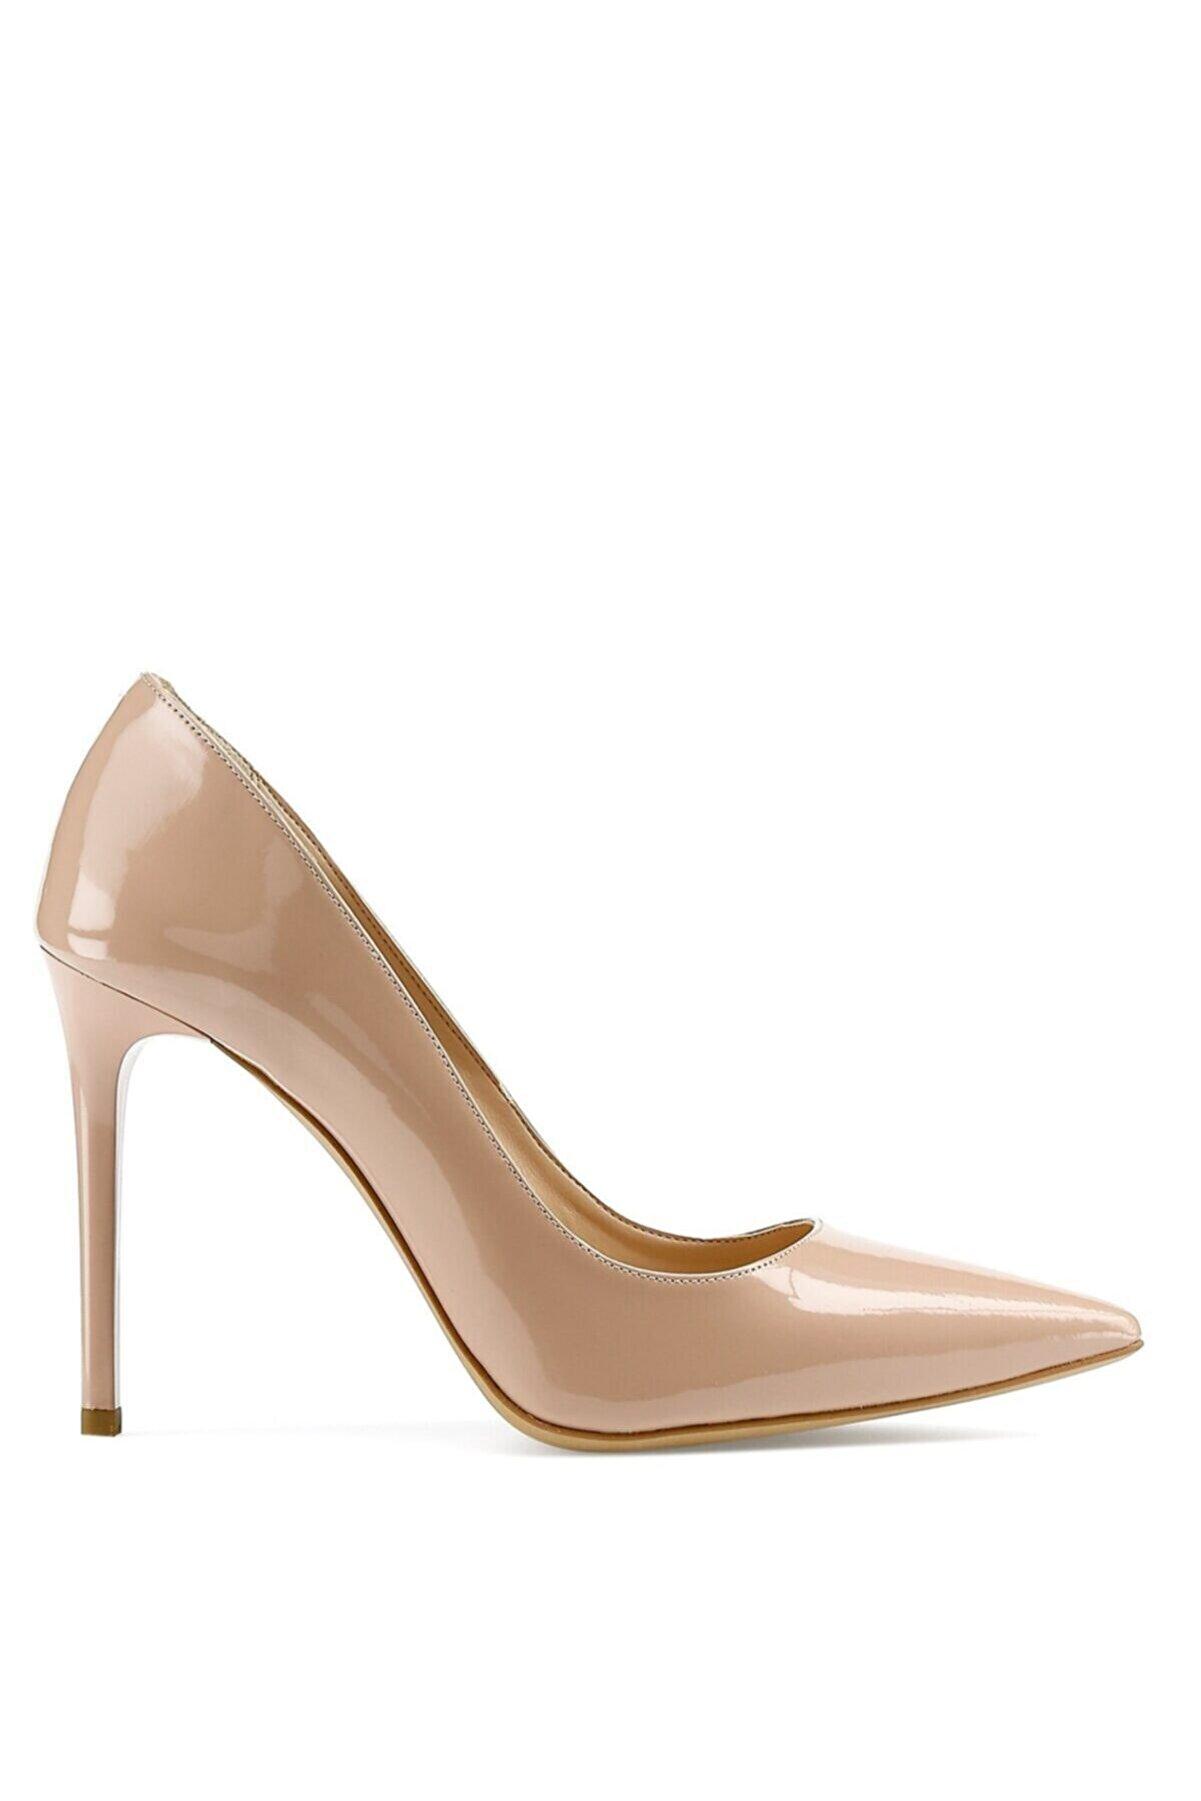 Nine West Sunde3 1pr Nude Kadın Gova Ayakkabı